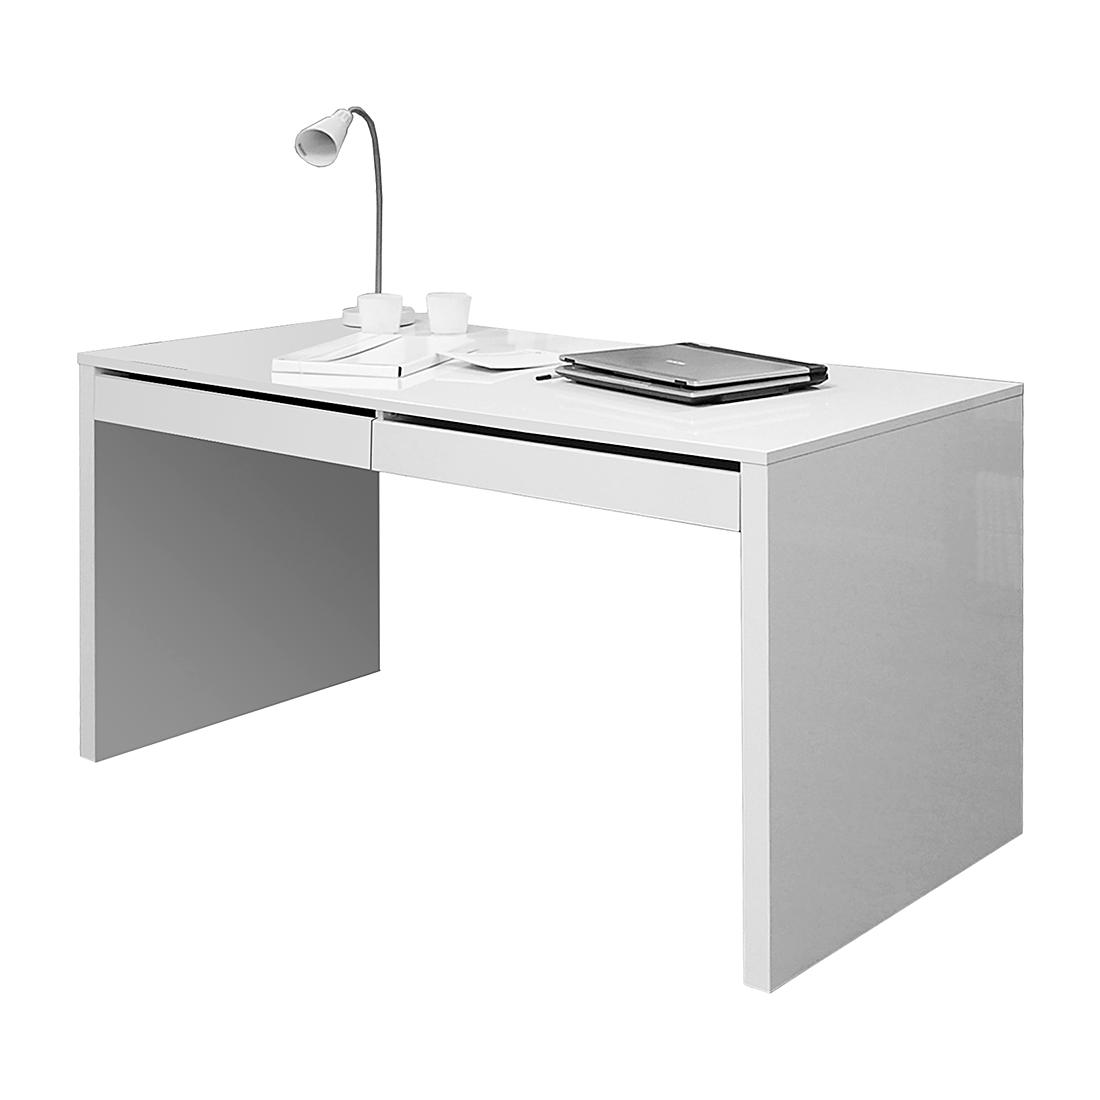 Schreibtisch weiß mit schubladen  Schreibtisch Arbeitstisch 2 Schubladen Weiß Hochglanz 150x70 Büro ...